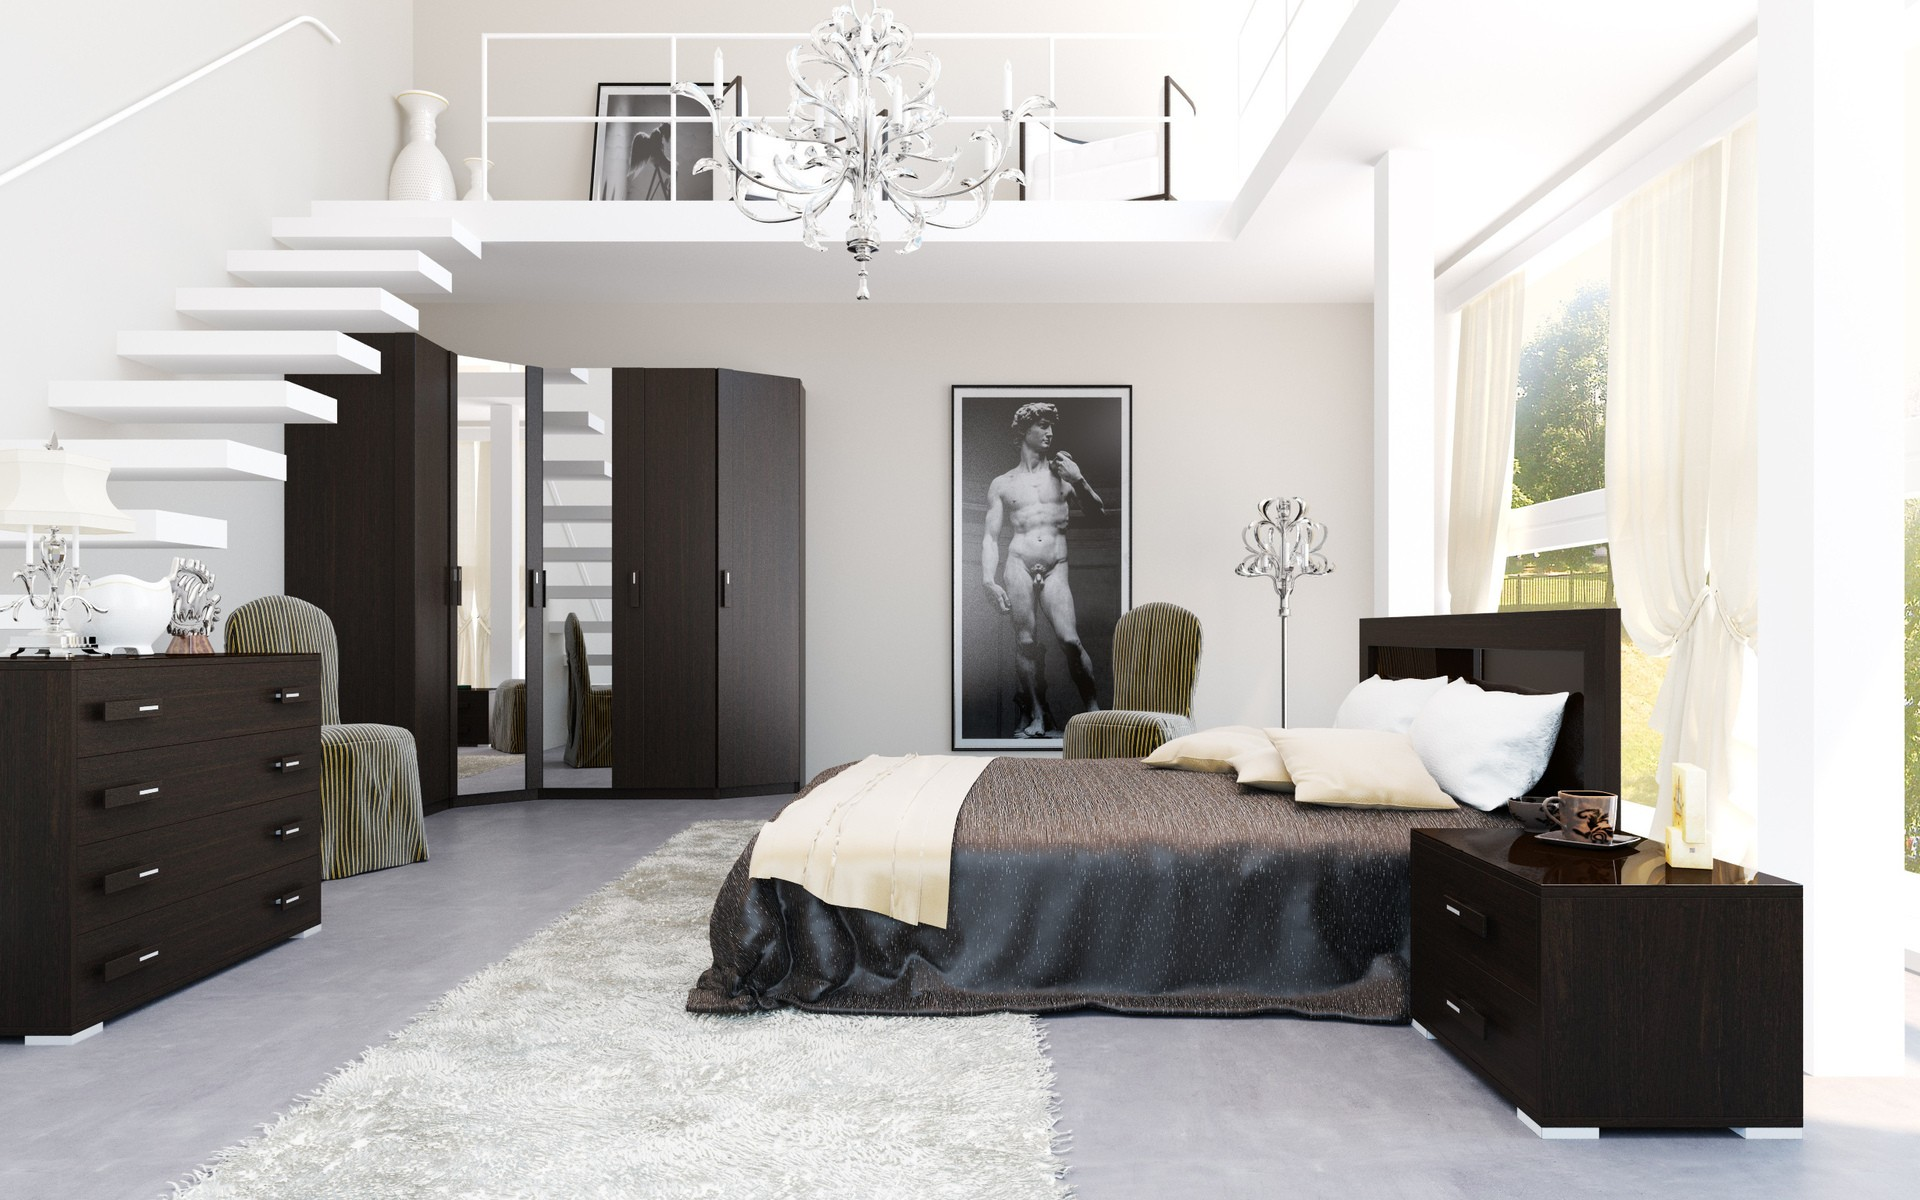 Habitaciones modernas  Decorar habitaciones modernas